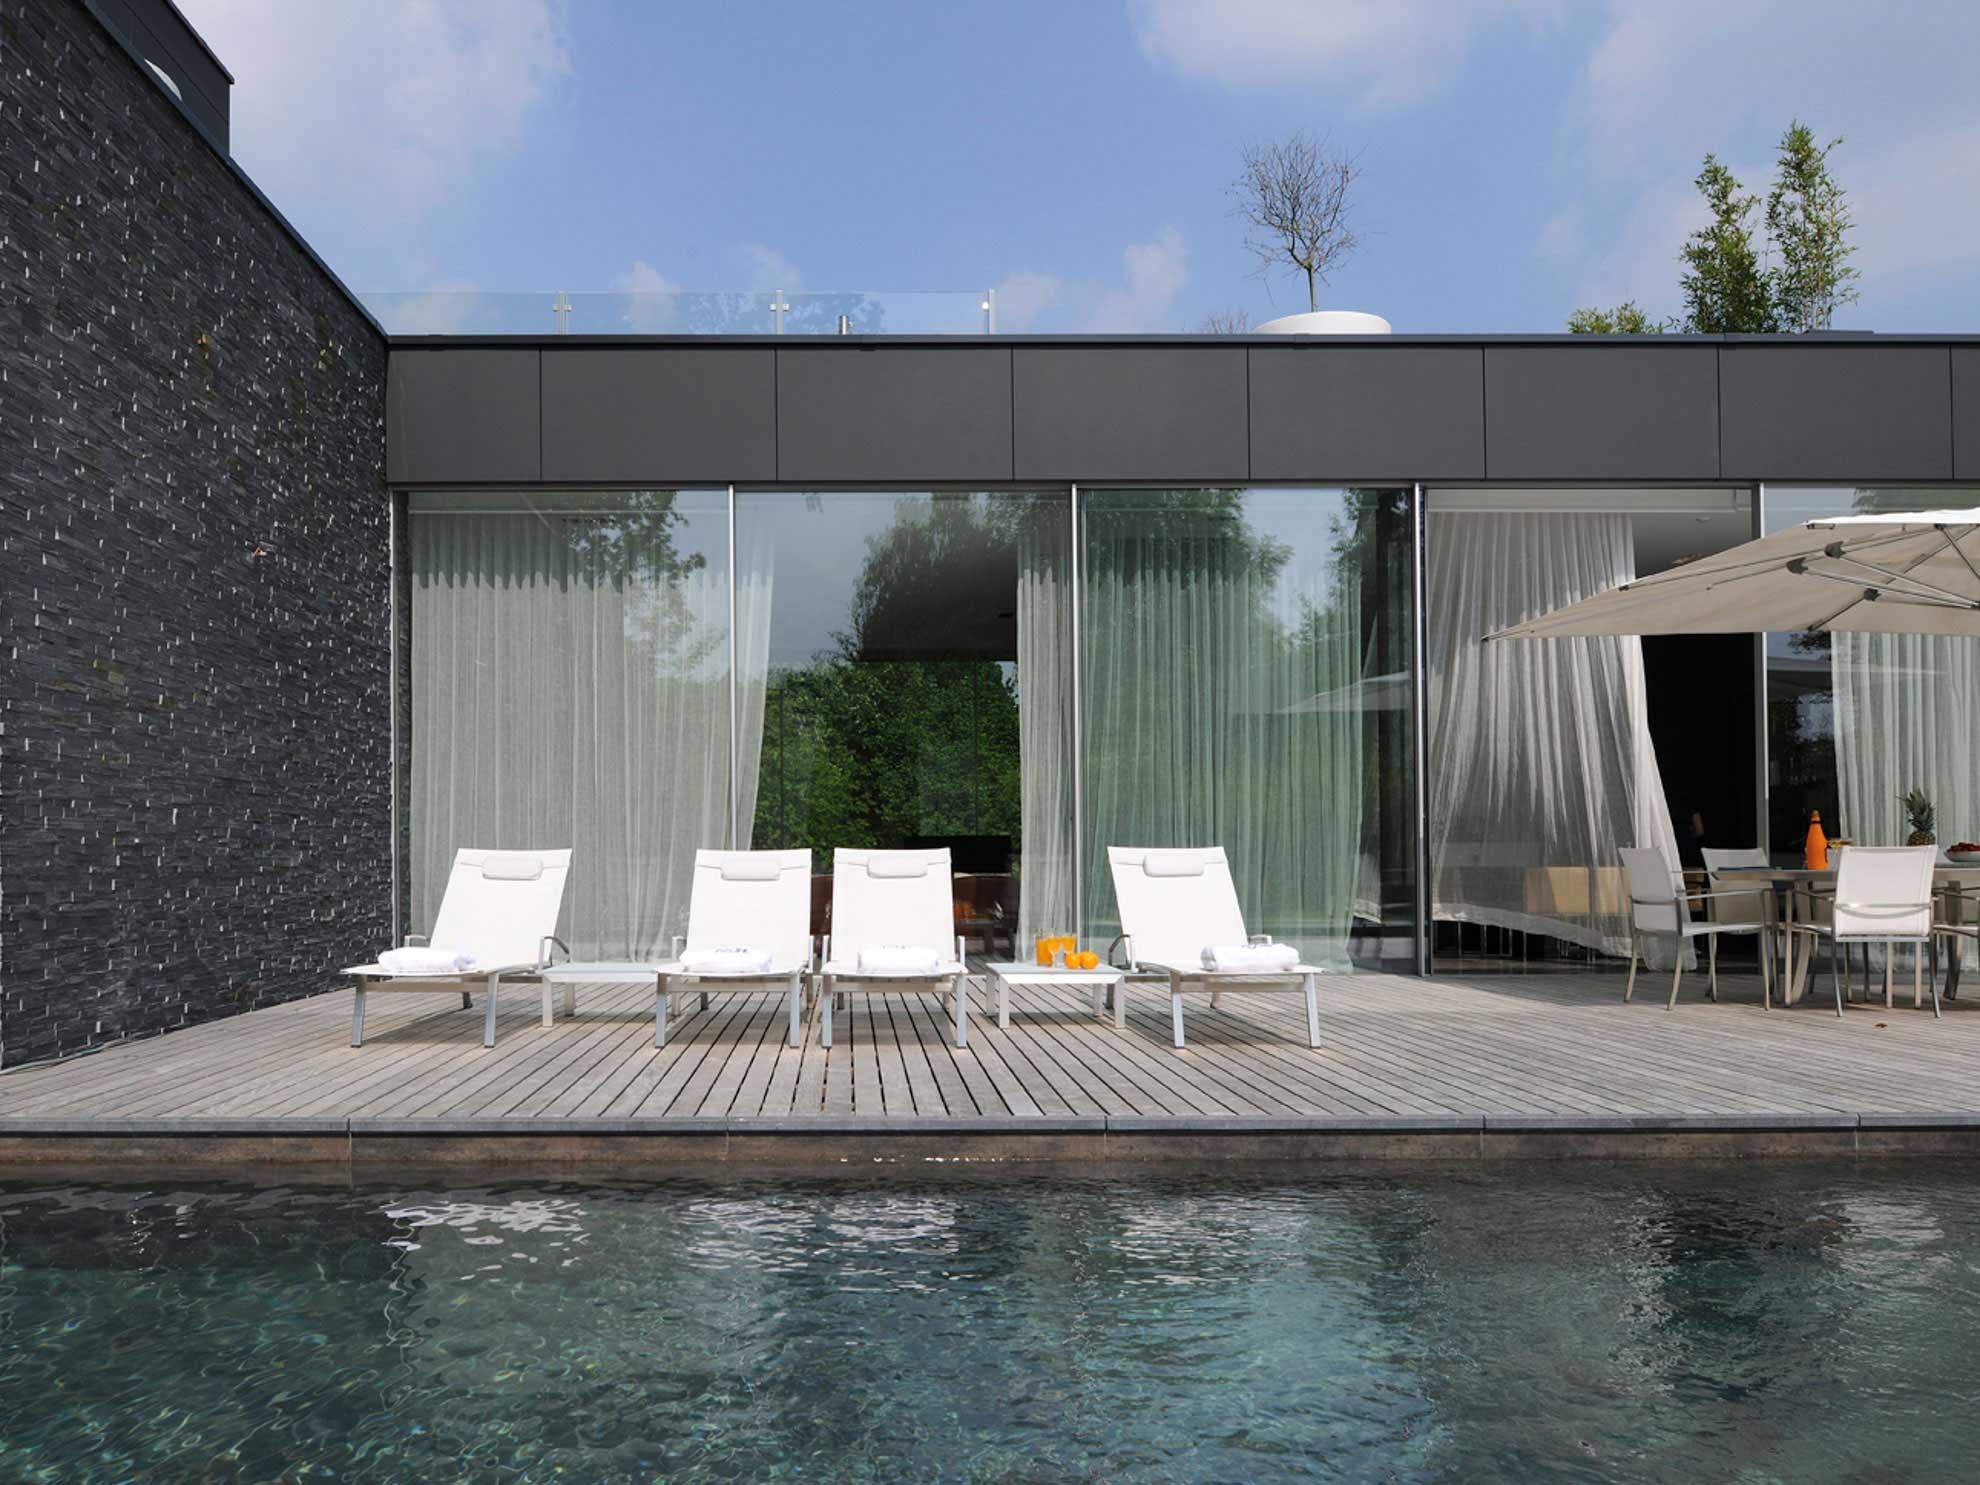 Maison moderne avec pisicne bruxelles - Maison contemporaine de luxe ...